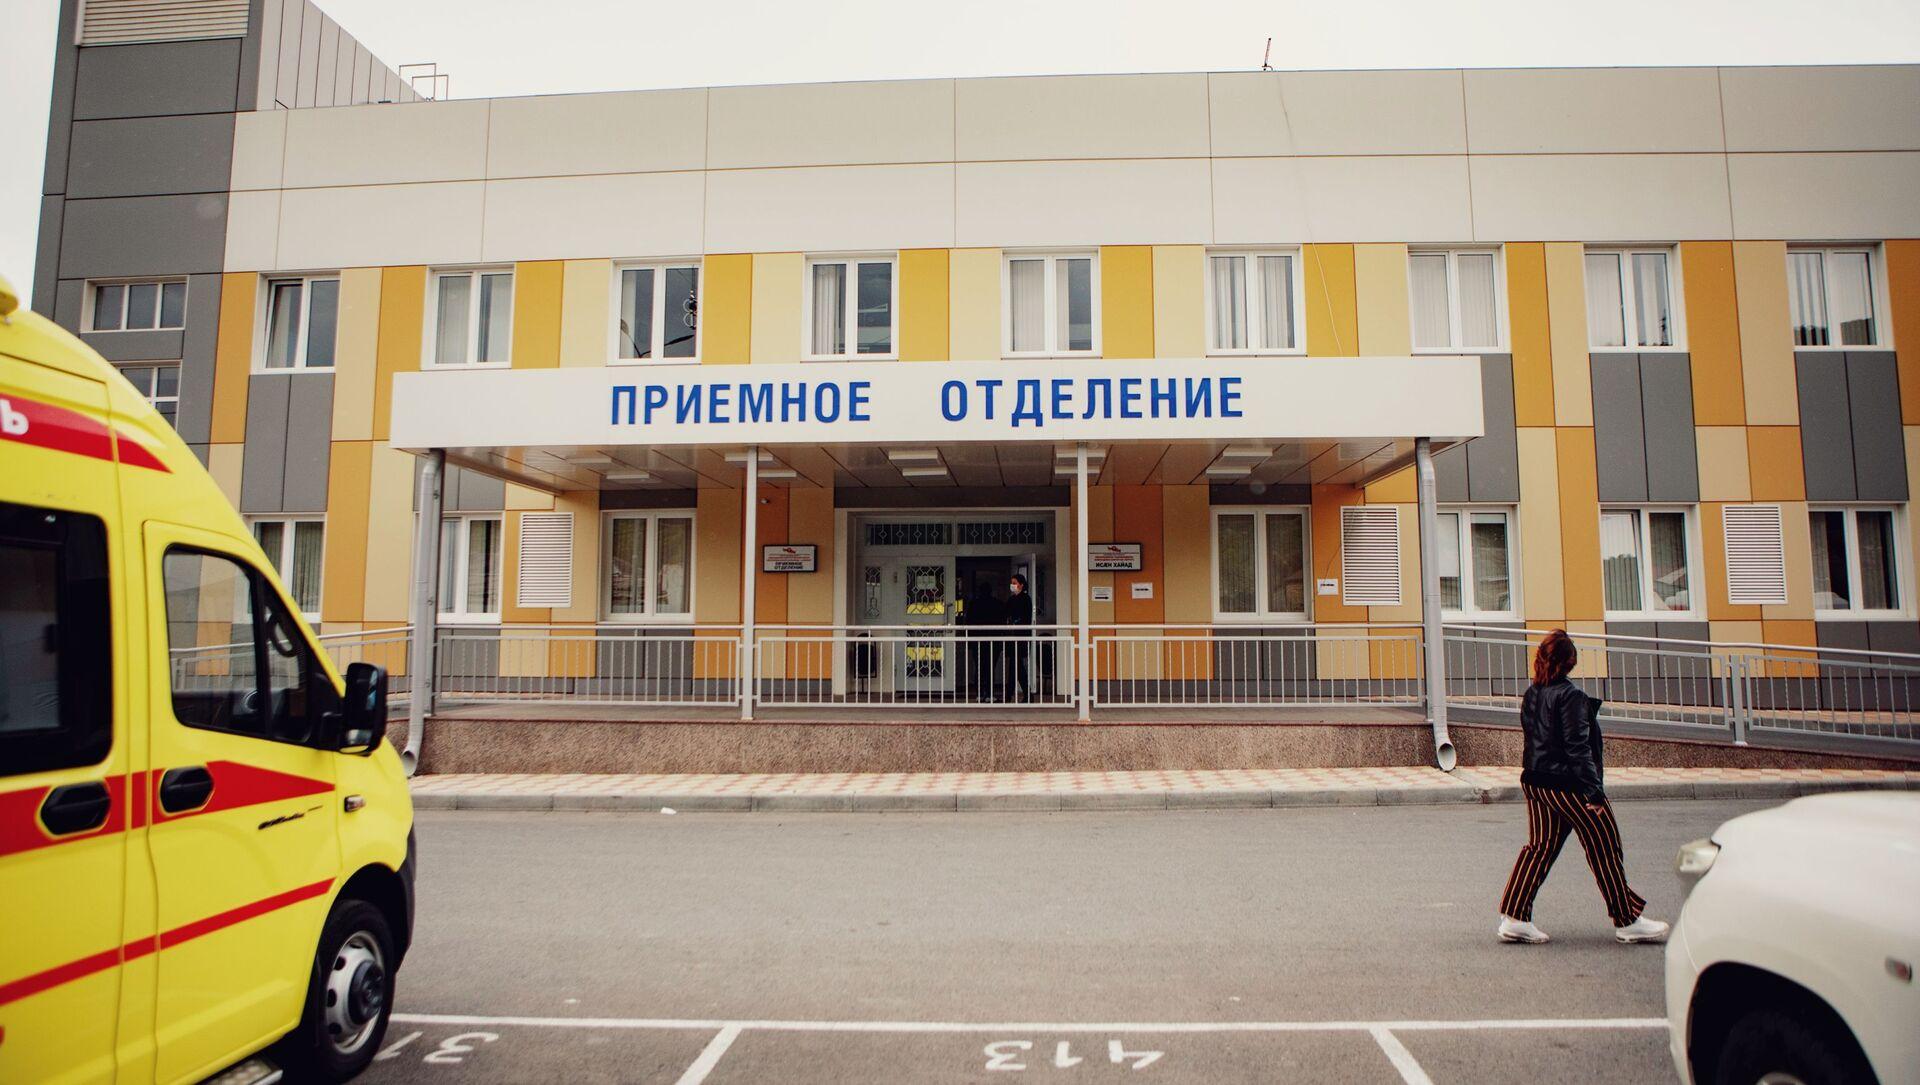 Цхинвалы рынчындон - Sputnik Хуссар Ирыстон, 1920, 28.09.2021